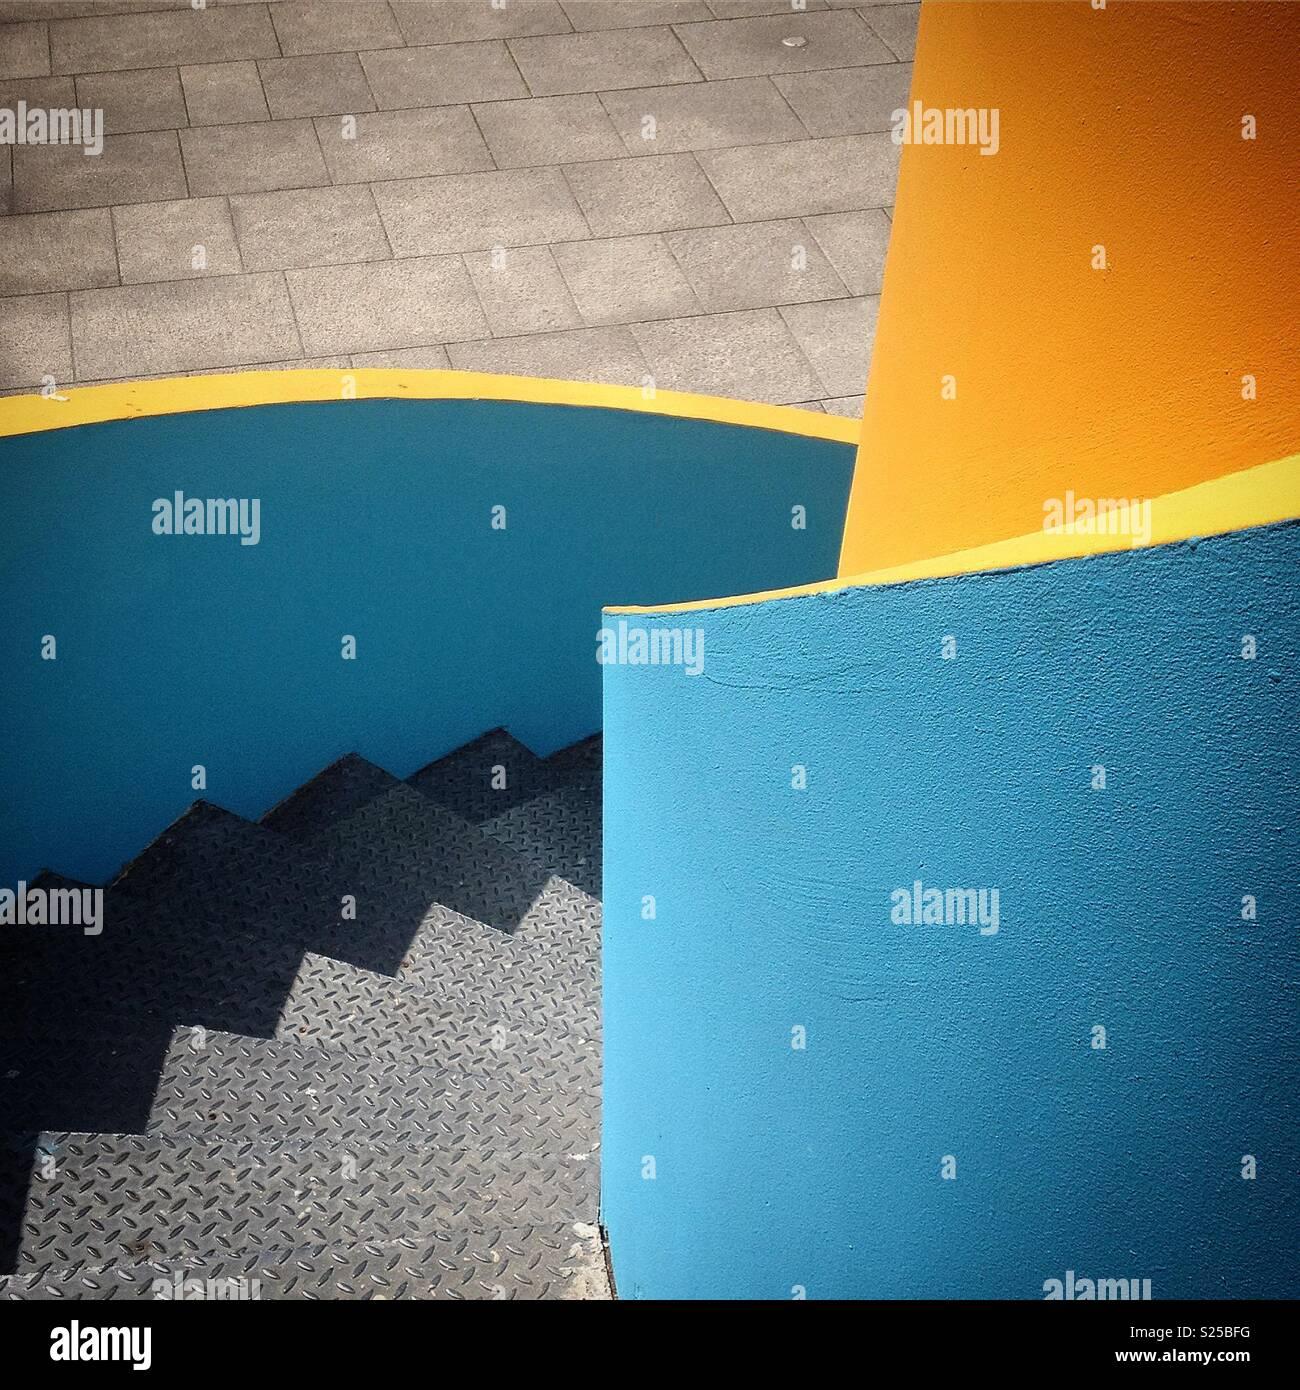 Gradini di metallo con il giallo e il blu dipinto di parete in calcestruzzo Immagini Stock